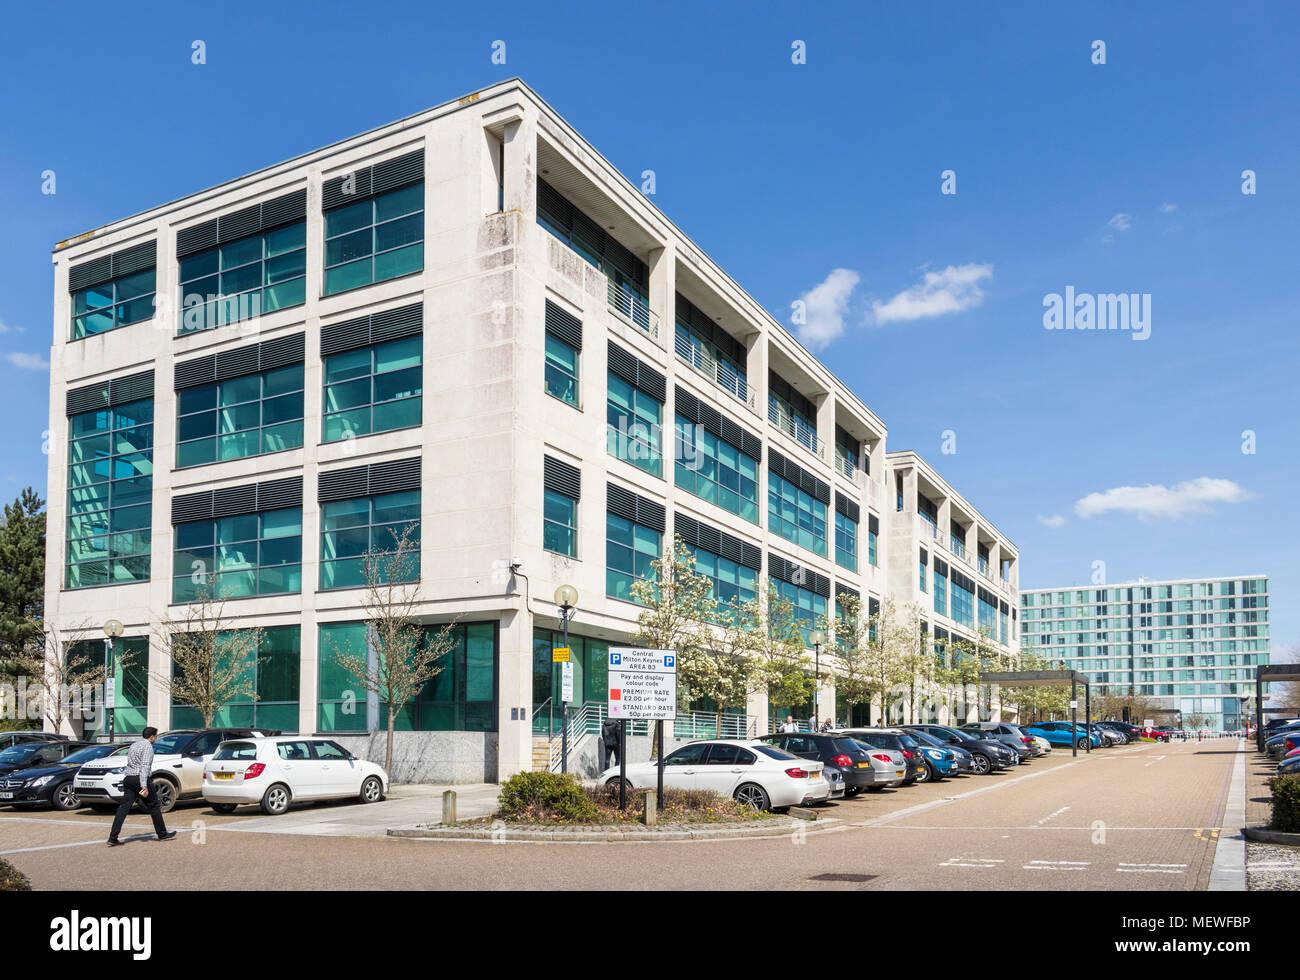 Milton Keynes Inghilterra edifici adibiti a ufficio centrale di Milton Keynes gb uk europa Immagini Stock